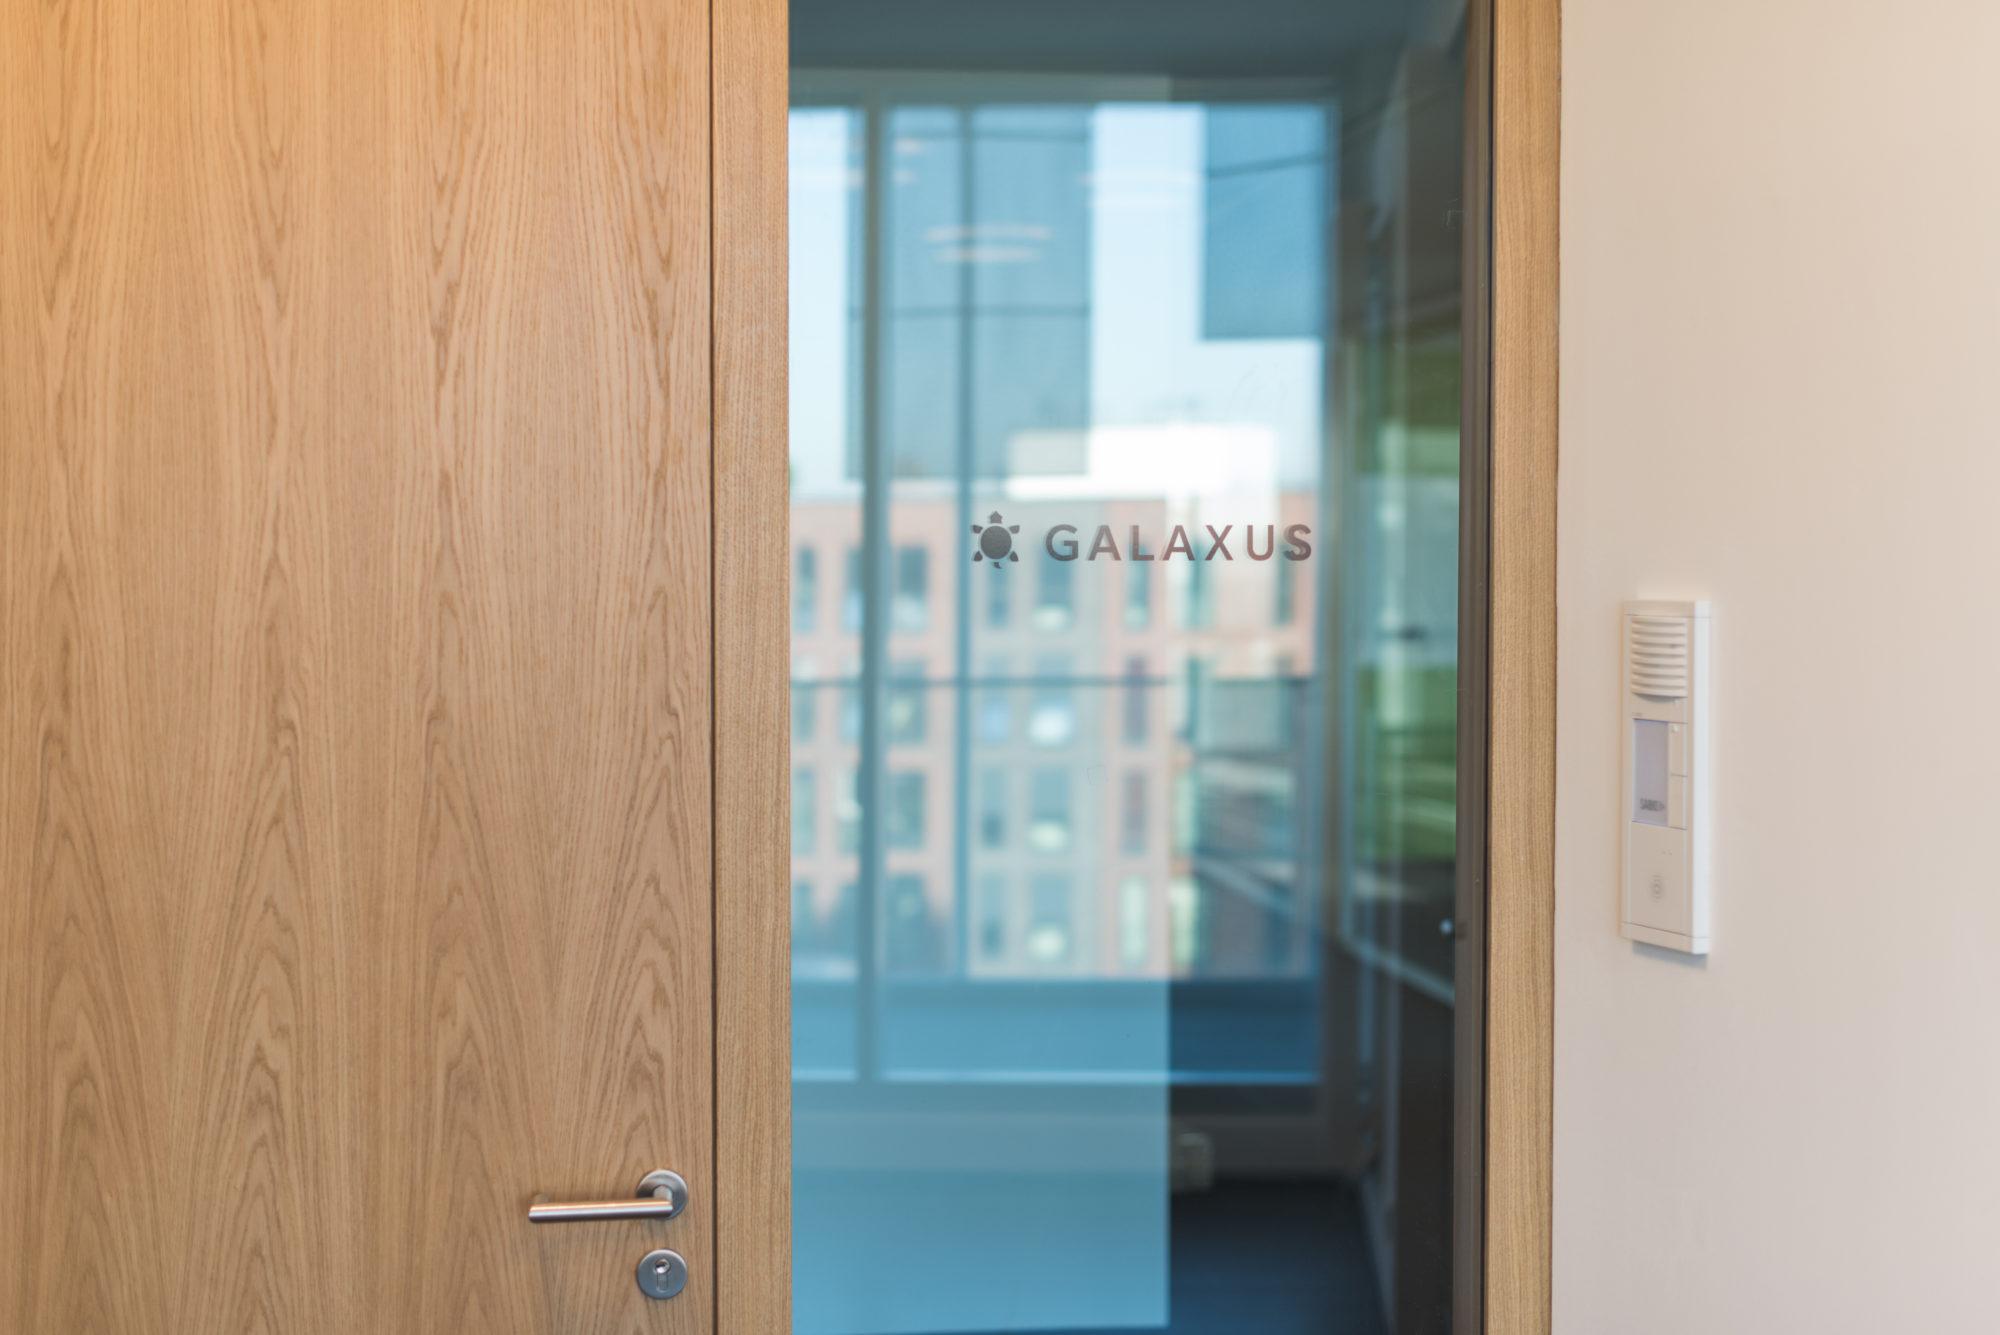 Galaxus Deutschland Office in Hamburg - Quelle: Galaxus